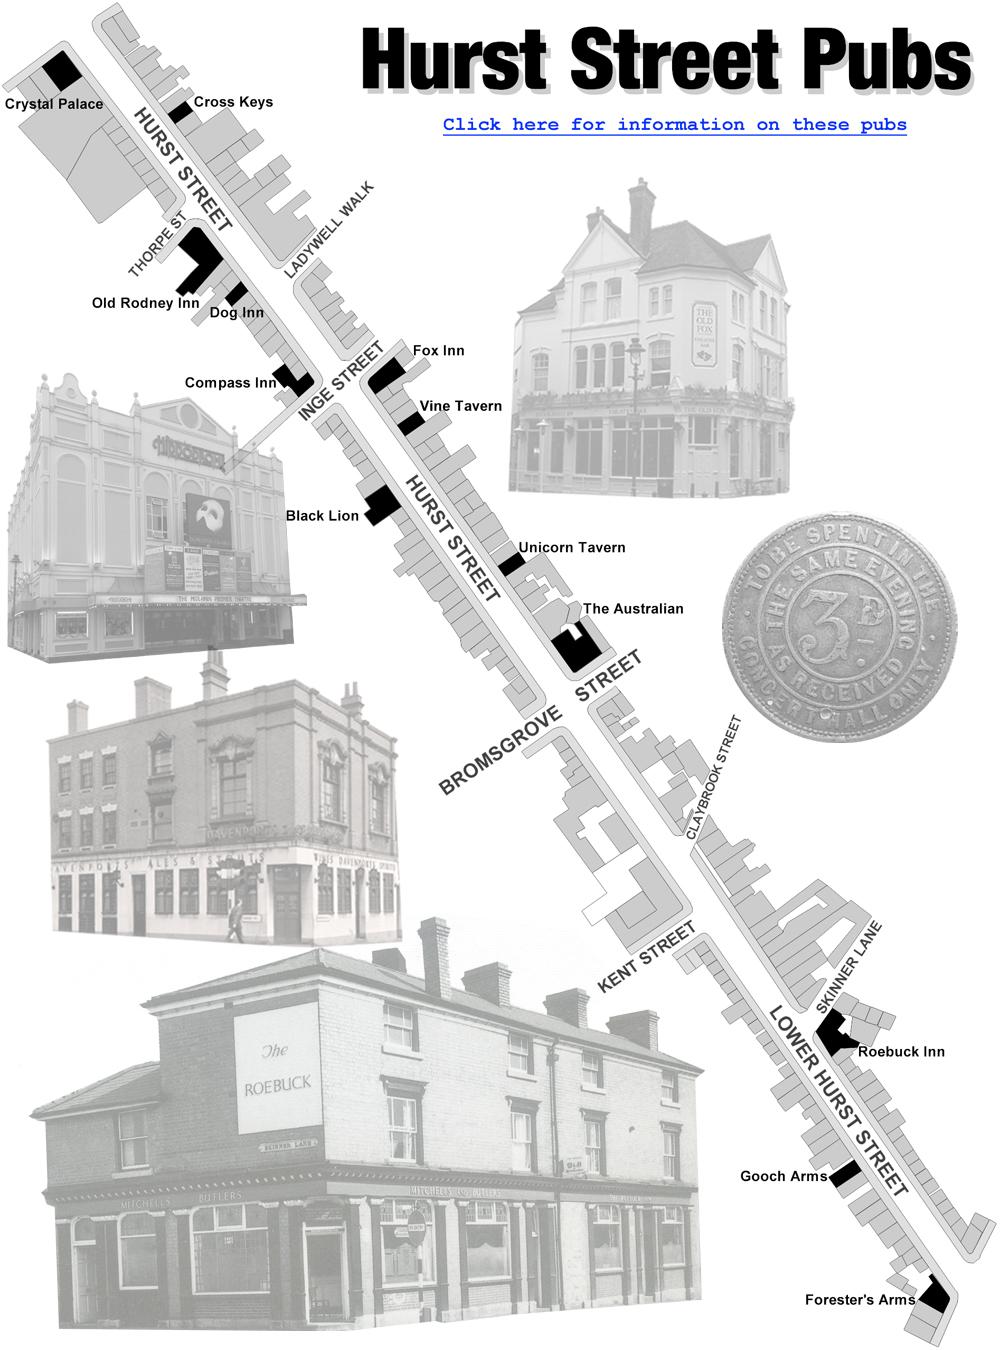 Birmingham : Map of Public-Houses in Hurst Street